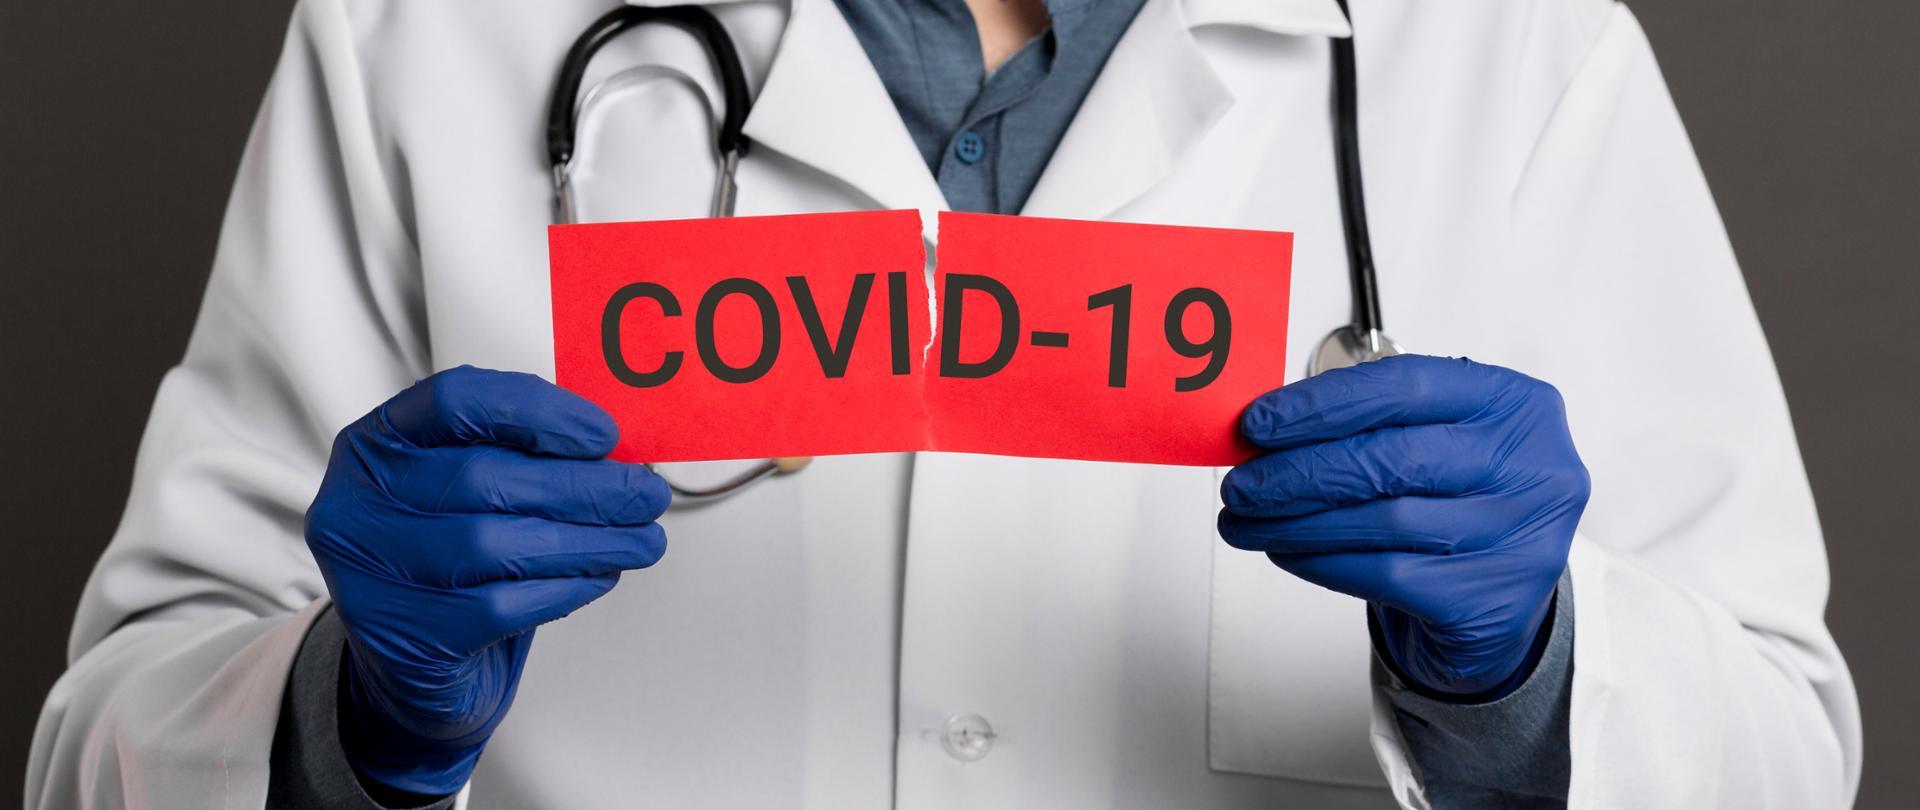 Doktor trzymający kartkę z napisem COVID-19